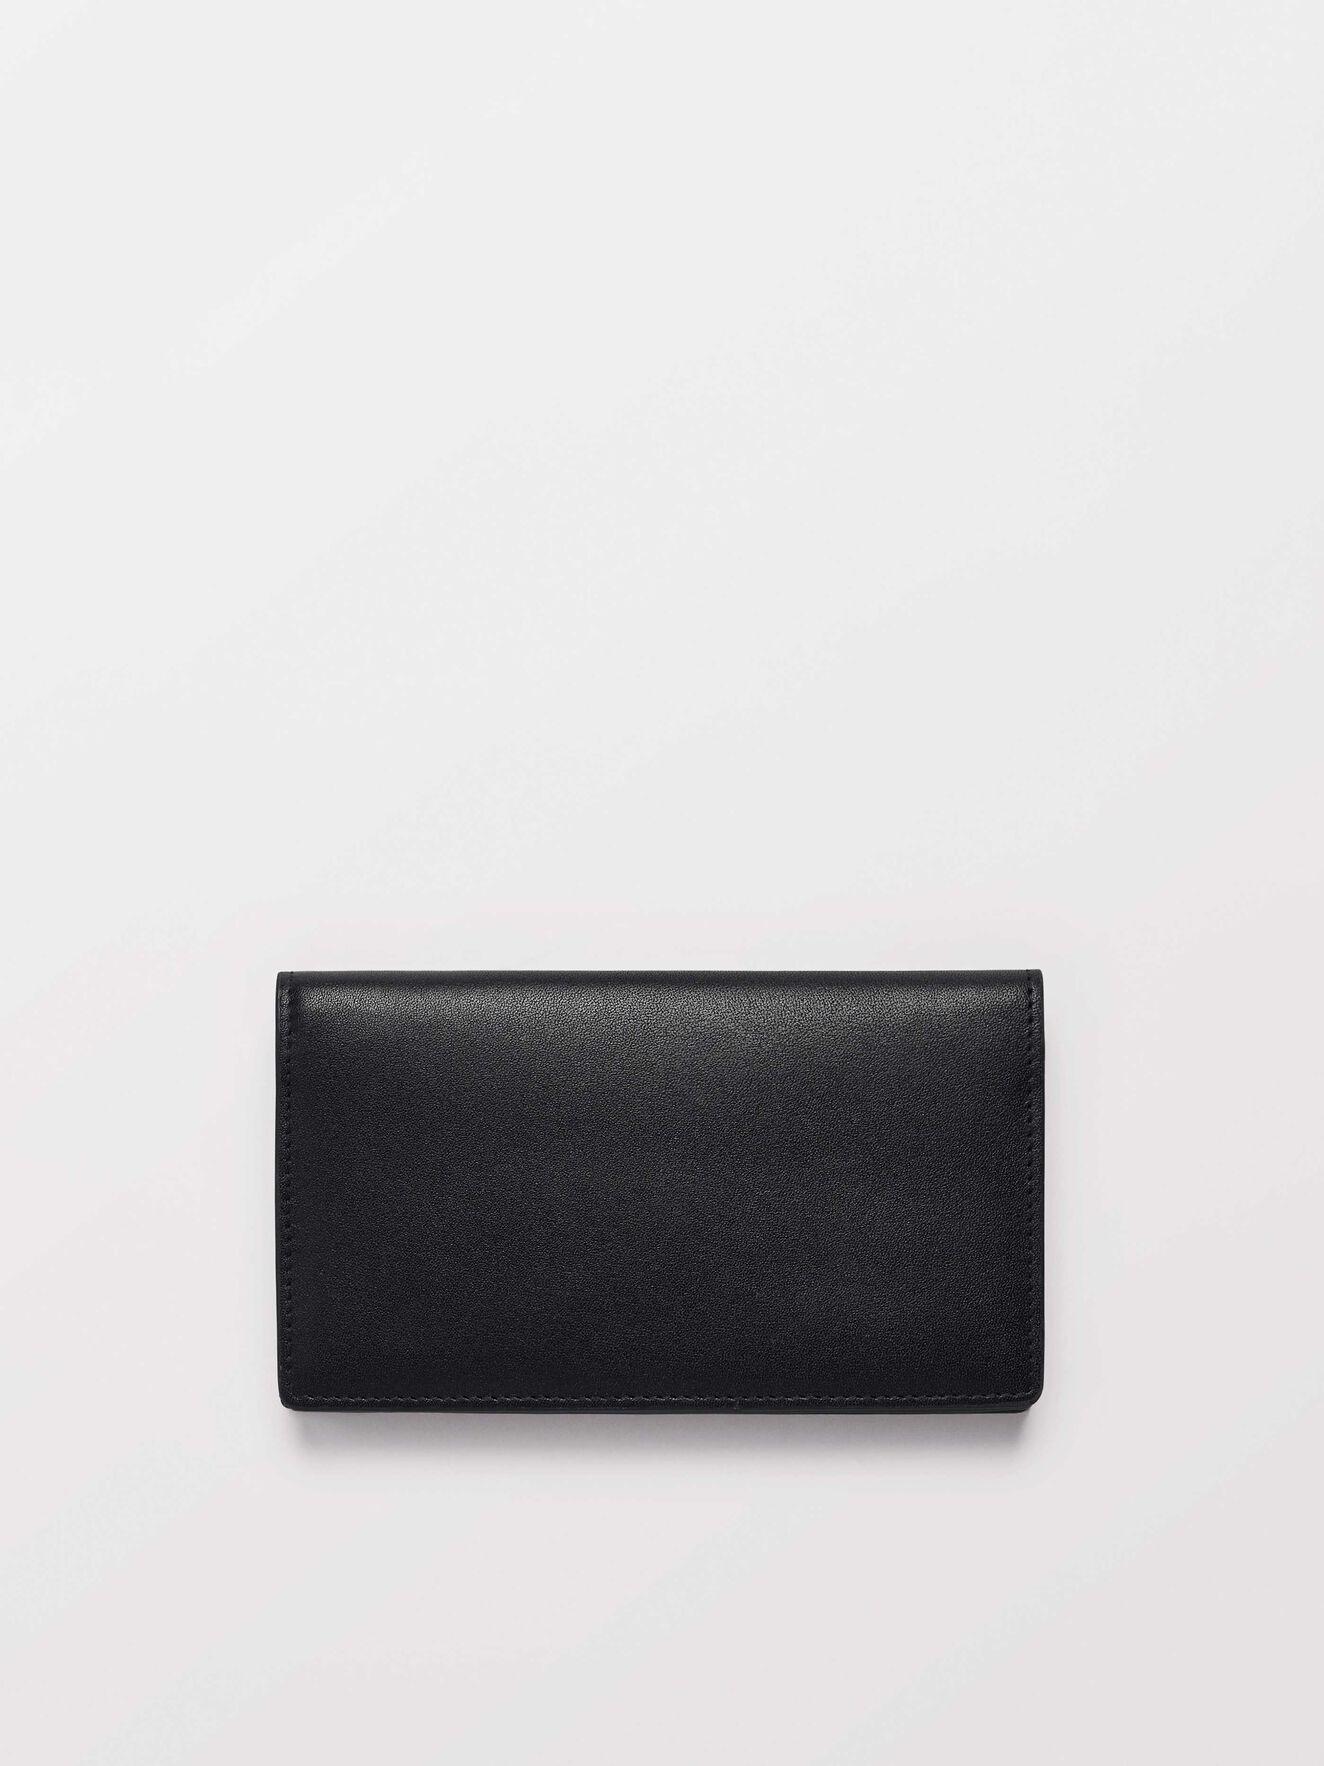 Stilpai Wallet in Black from Tiger of Sweden